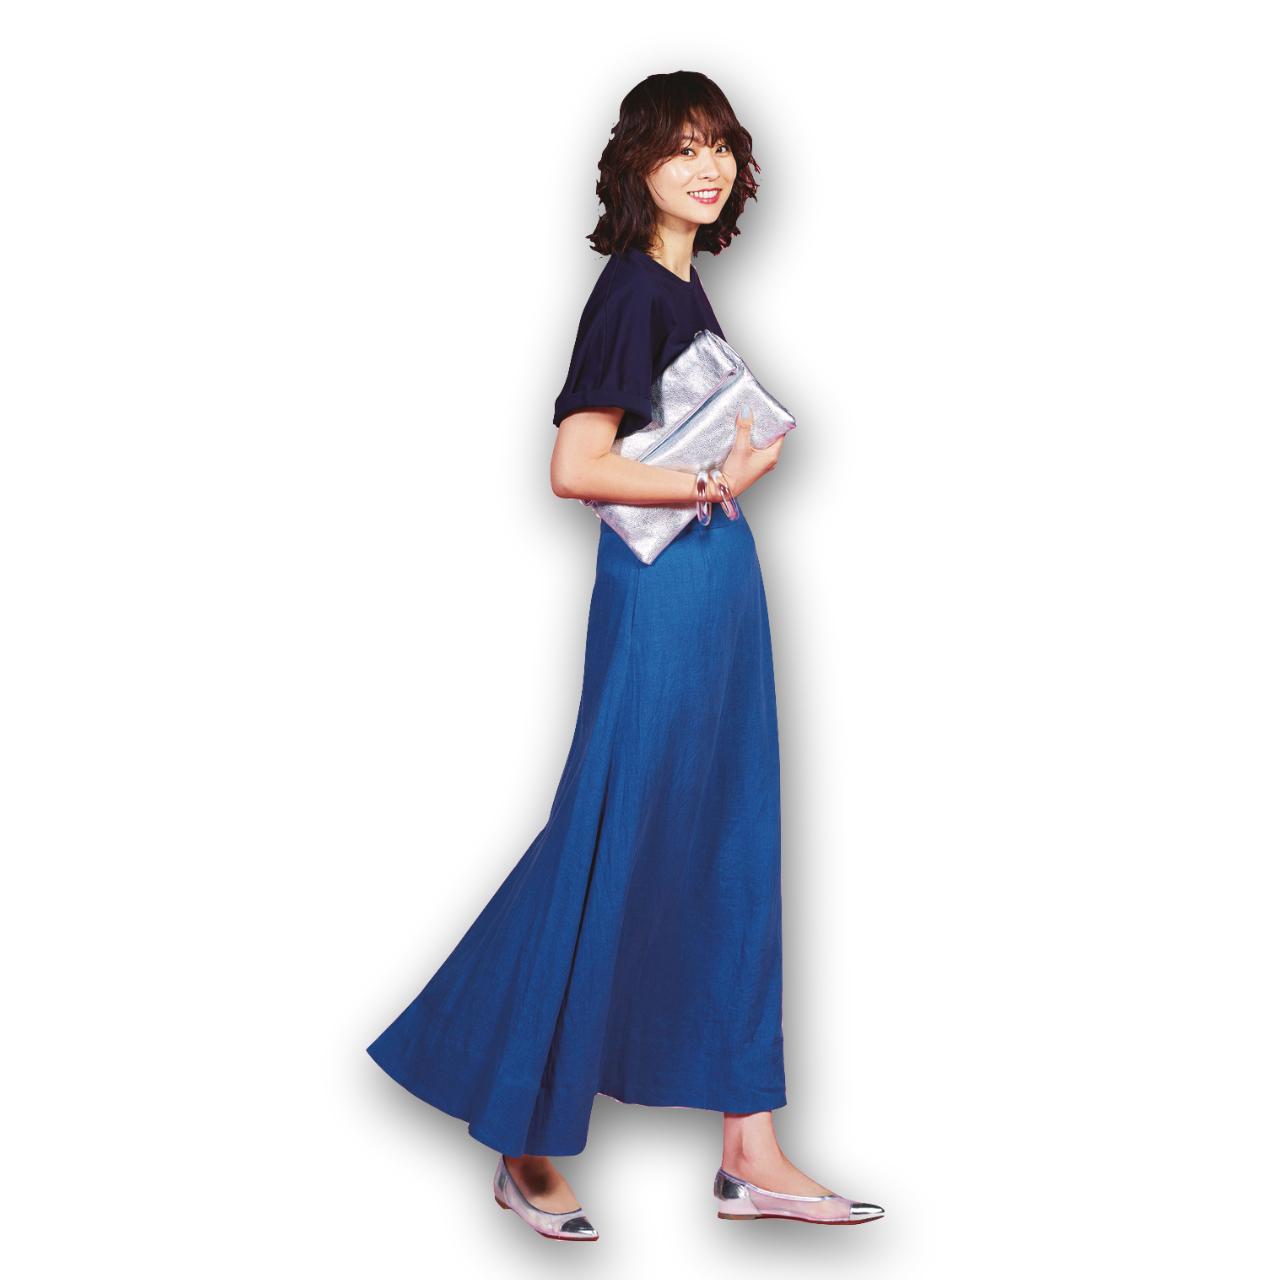 Tシャツ×ブルーのロングスカートコーデ